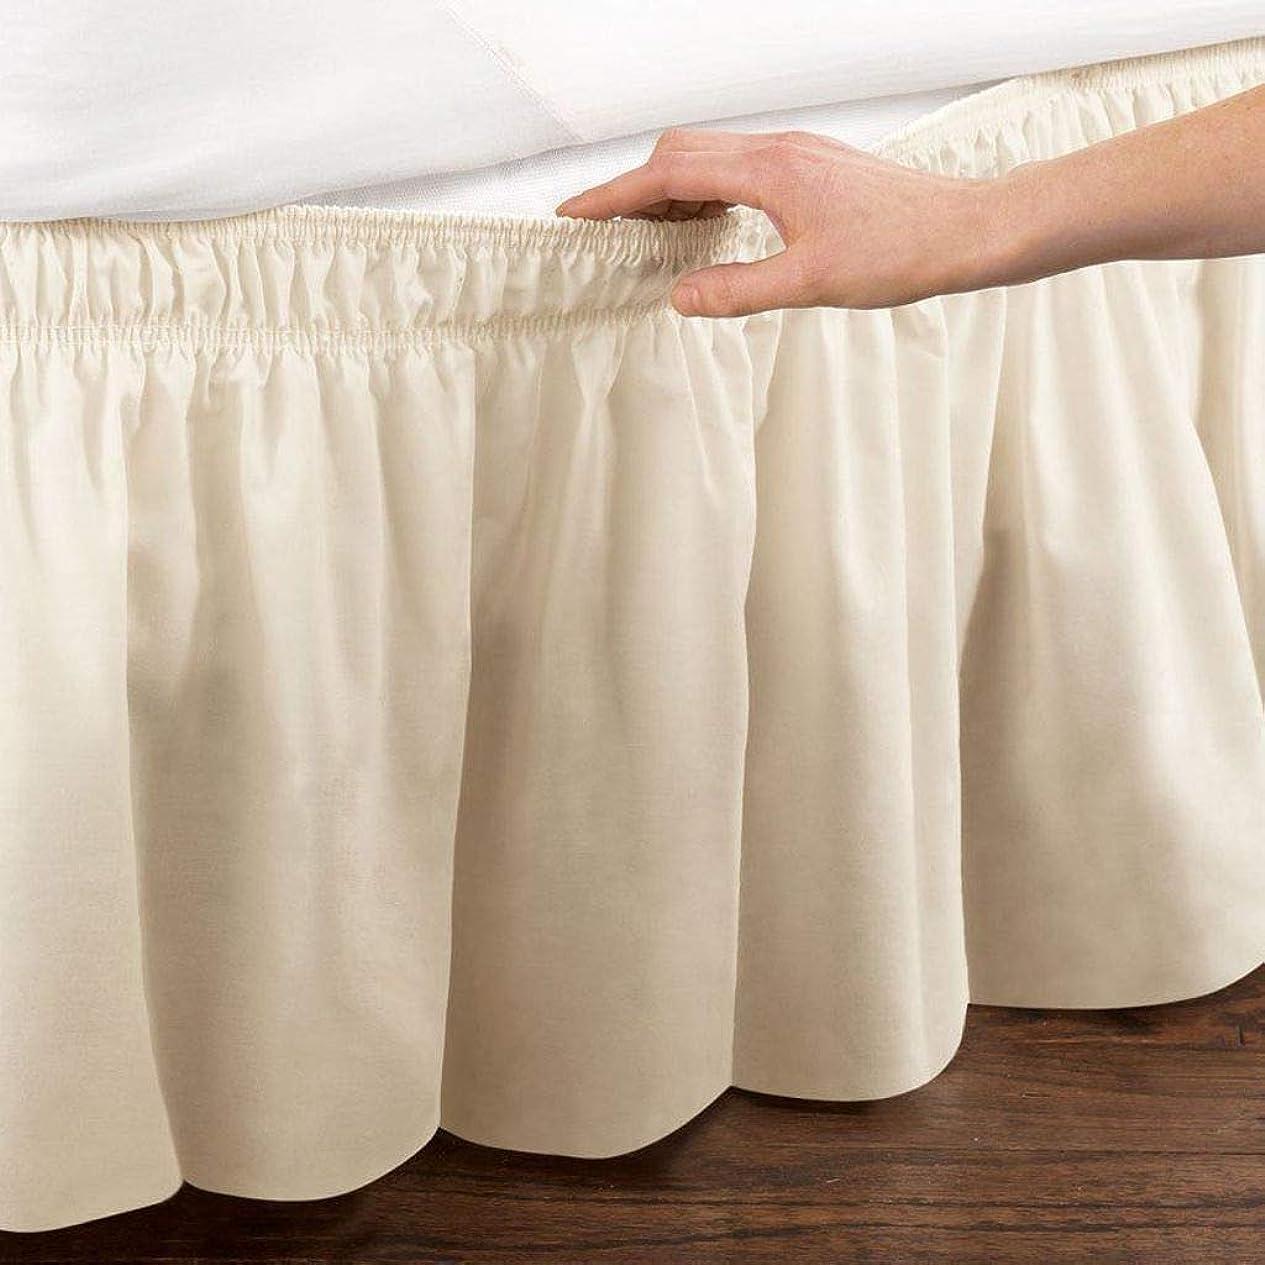 争い法王松弾性 ベッド スカート, プリーツ ほこり フリル ベッドスプレッド ウルトラ-柔らかい まわり 固体 しわ そして フェード 抵抗力がある カバーレット-ベージュ-キング-180*200センチメートル